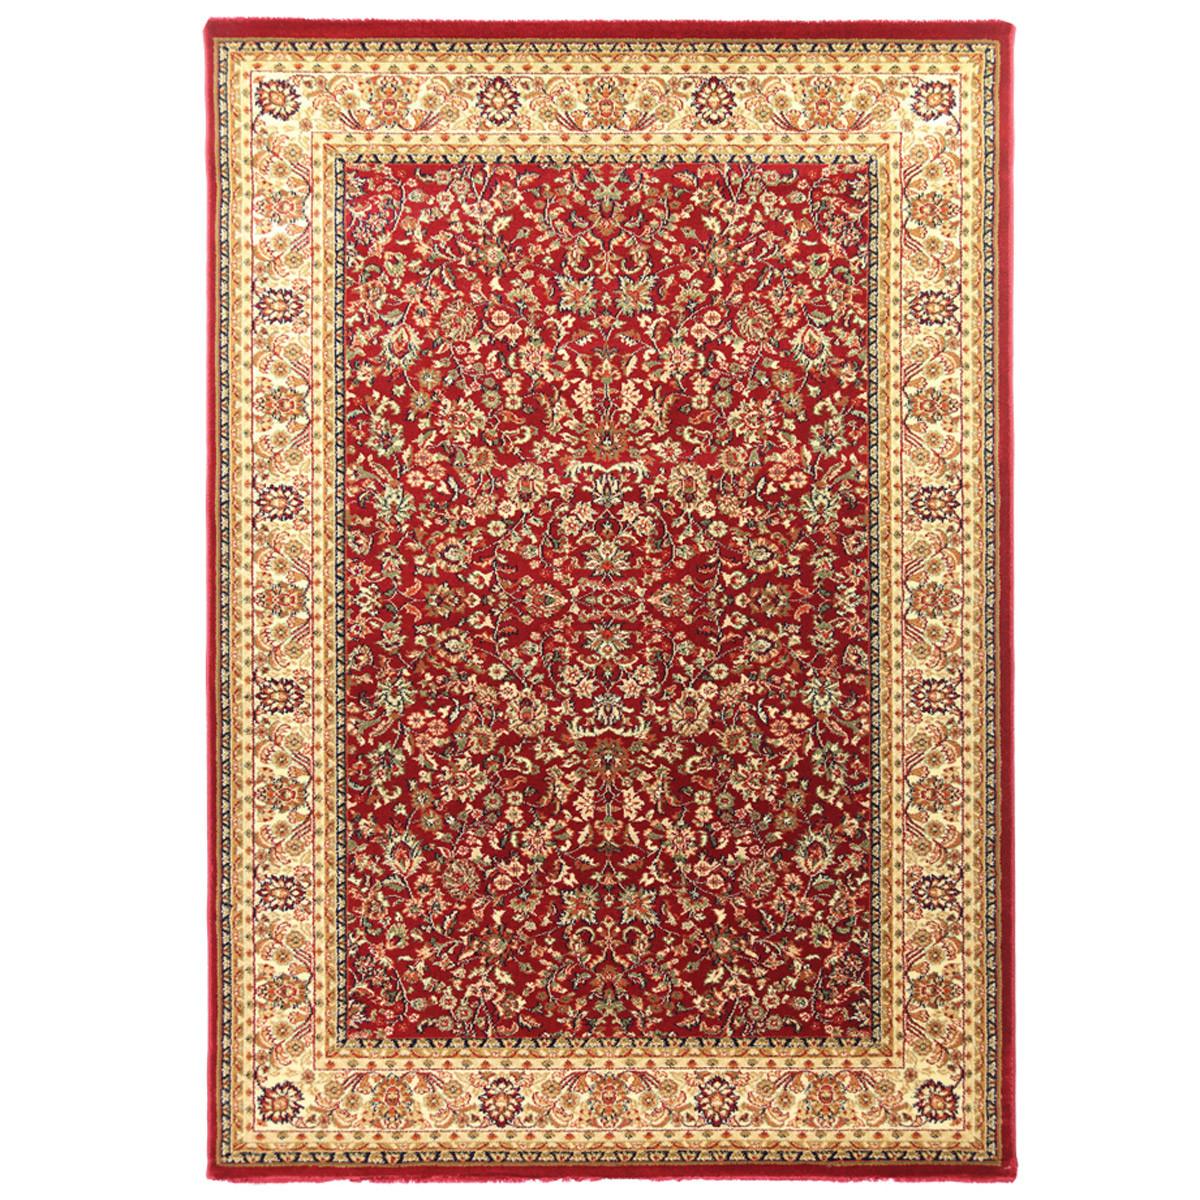 Χαλιά Κρεβατοκάμαρας (Σετ 3τμχ) Royal Carpets Olympia 8595E Red home   χαλιά   χαλιά κρεβατοκάμαρας